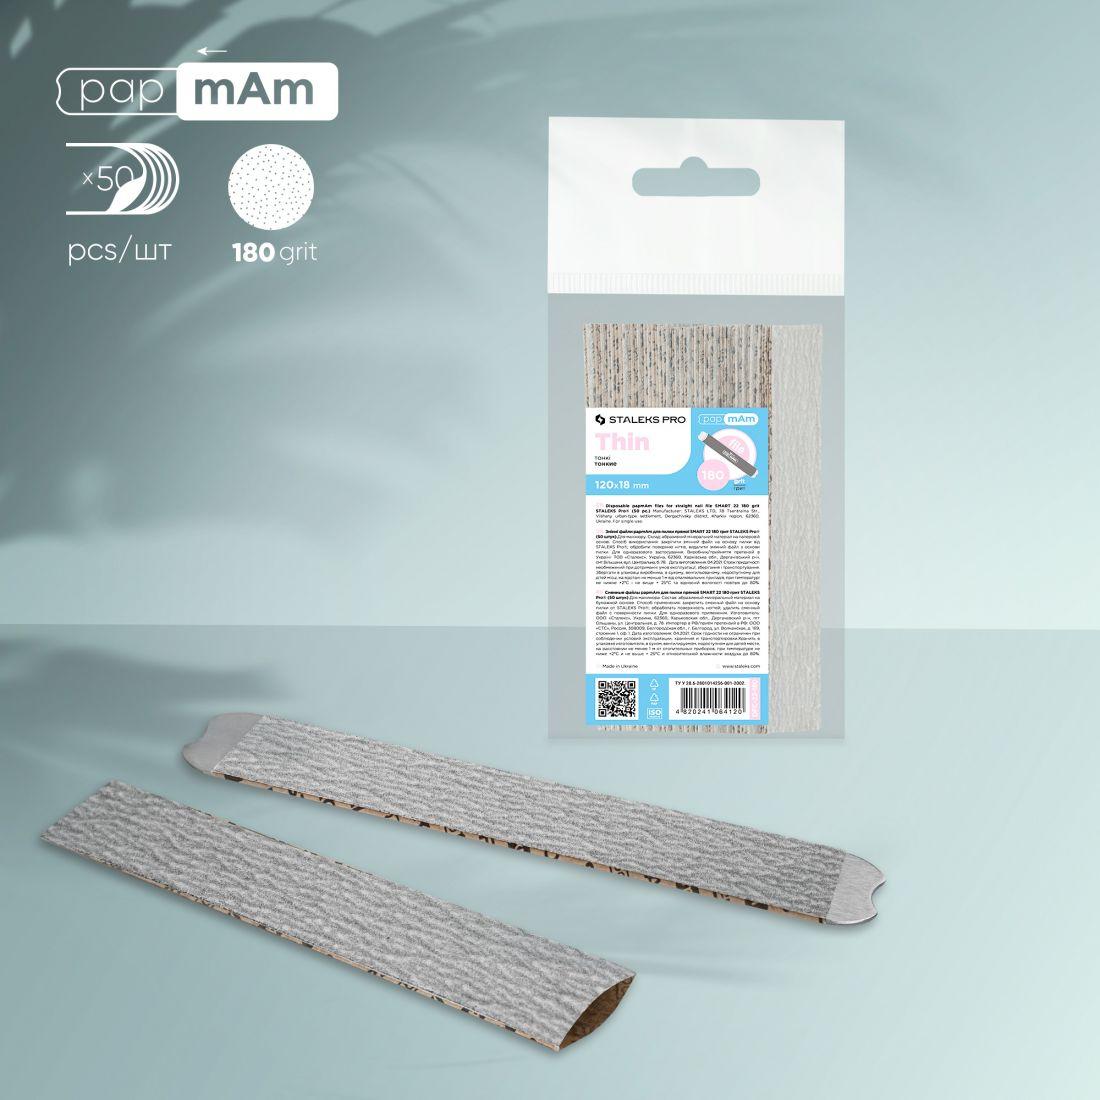 Сменные файлы papmAm для пилки прямой SMART 22 180 грит (50 шт)